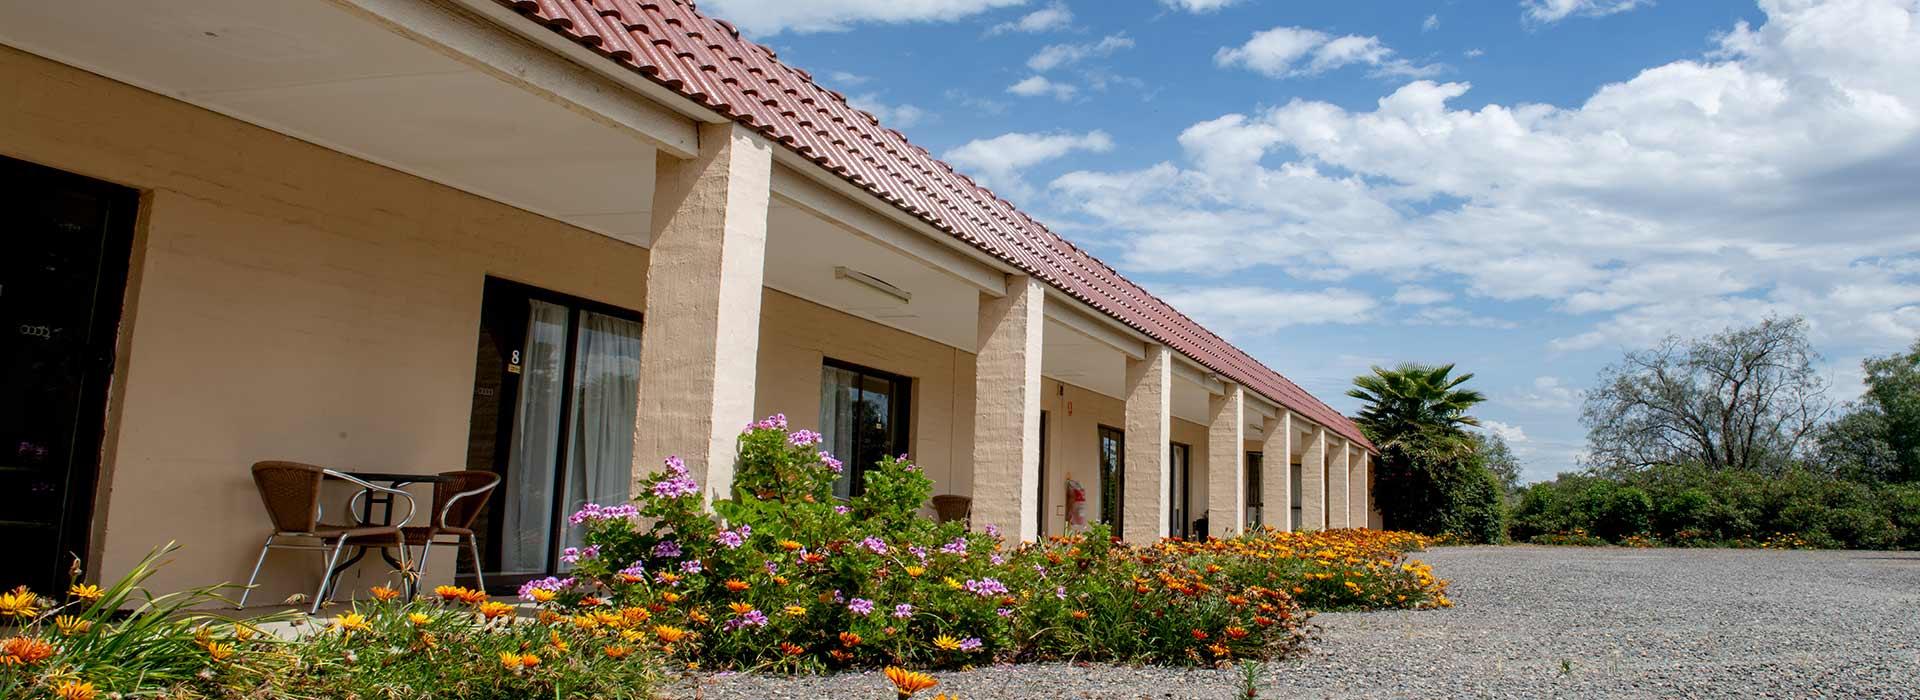 El Sierra Motel